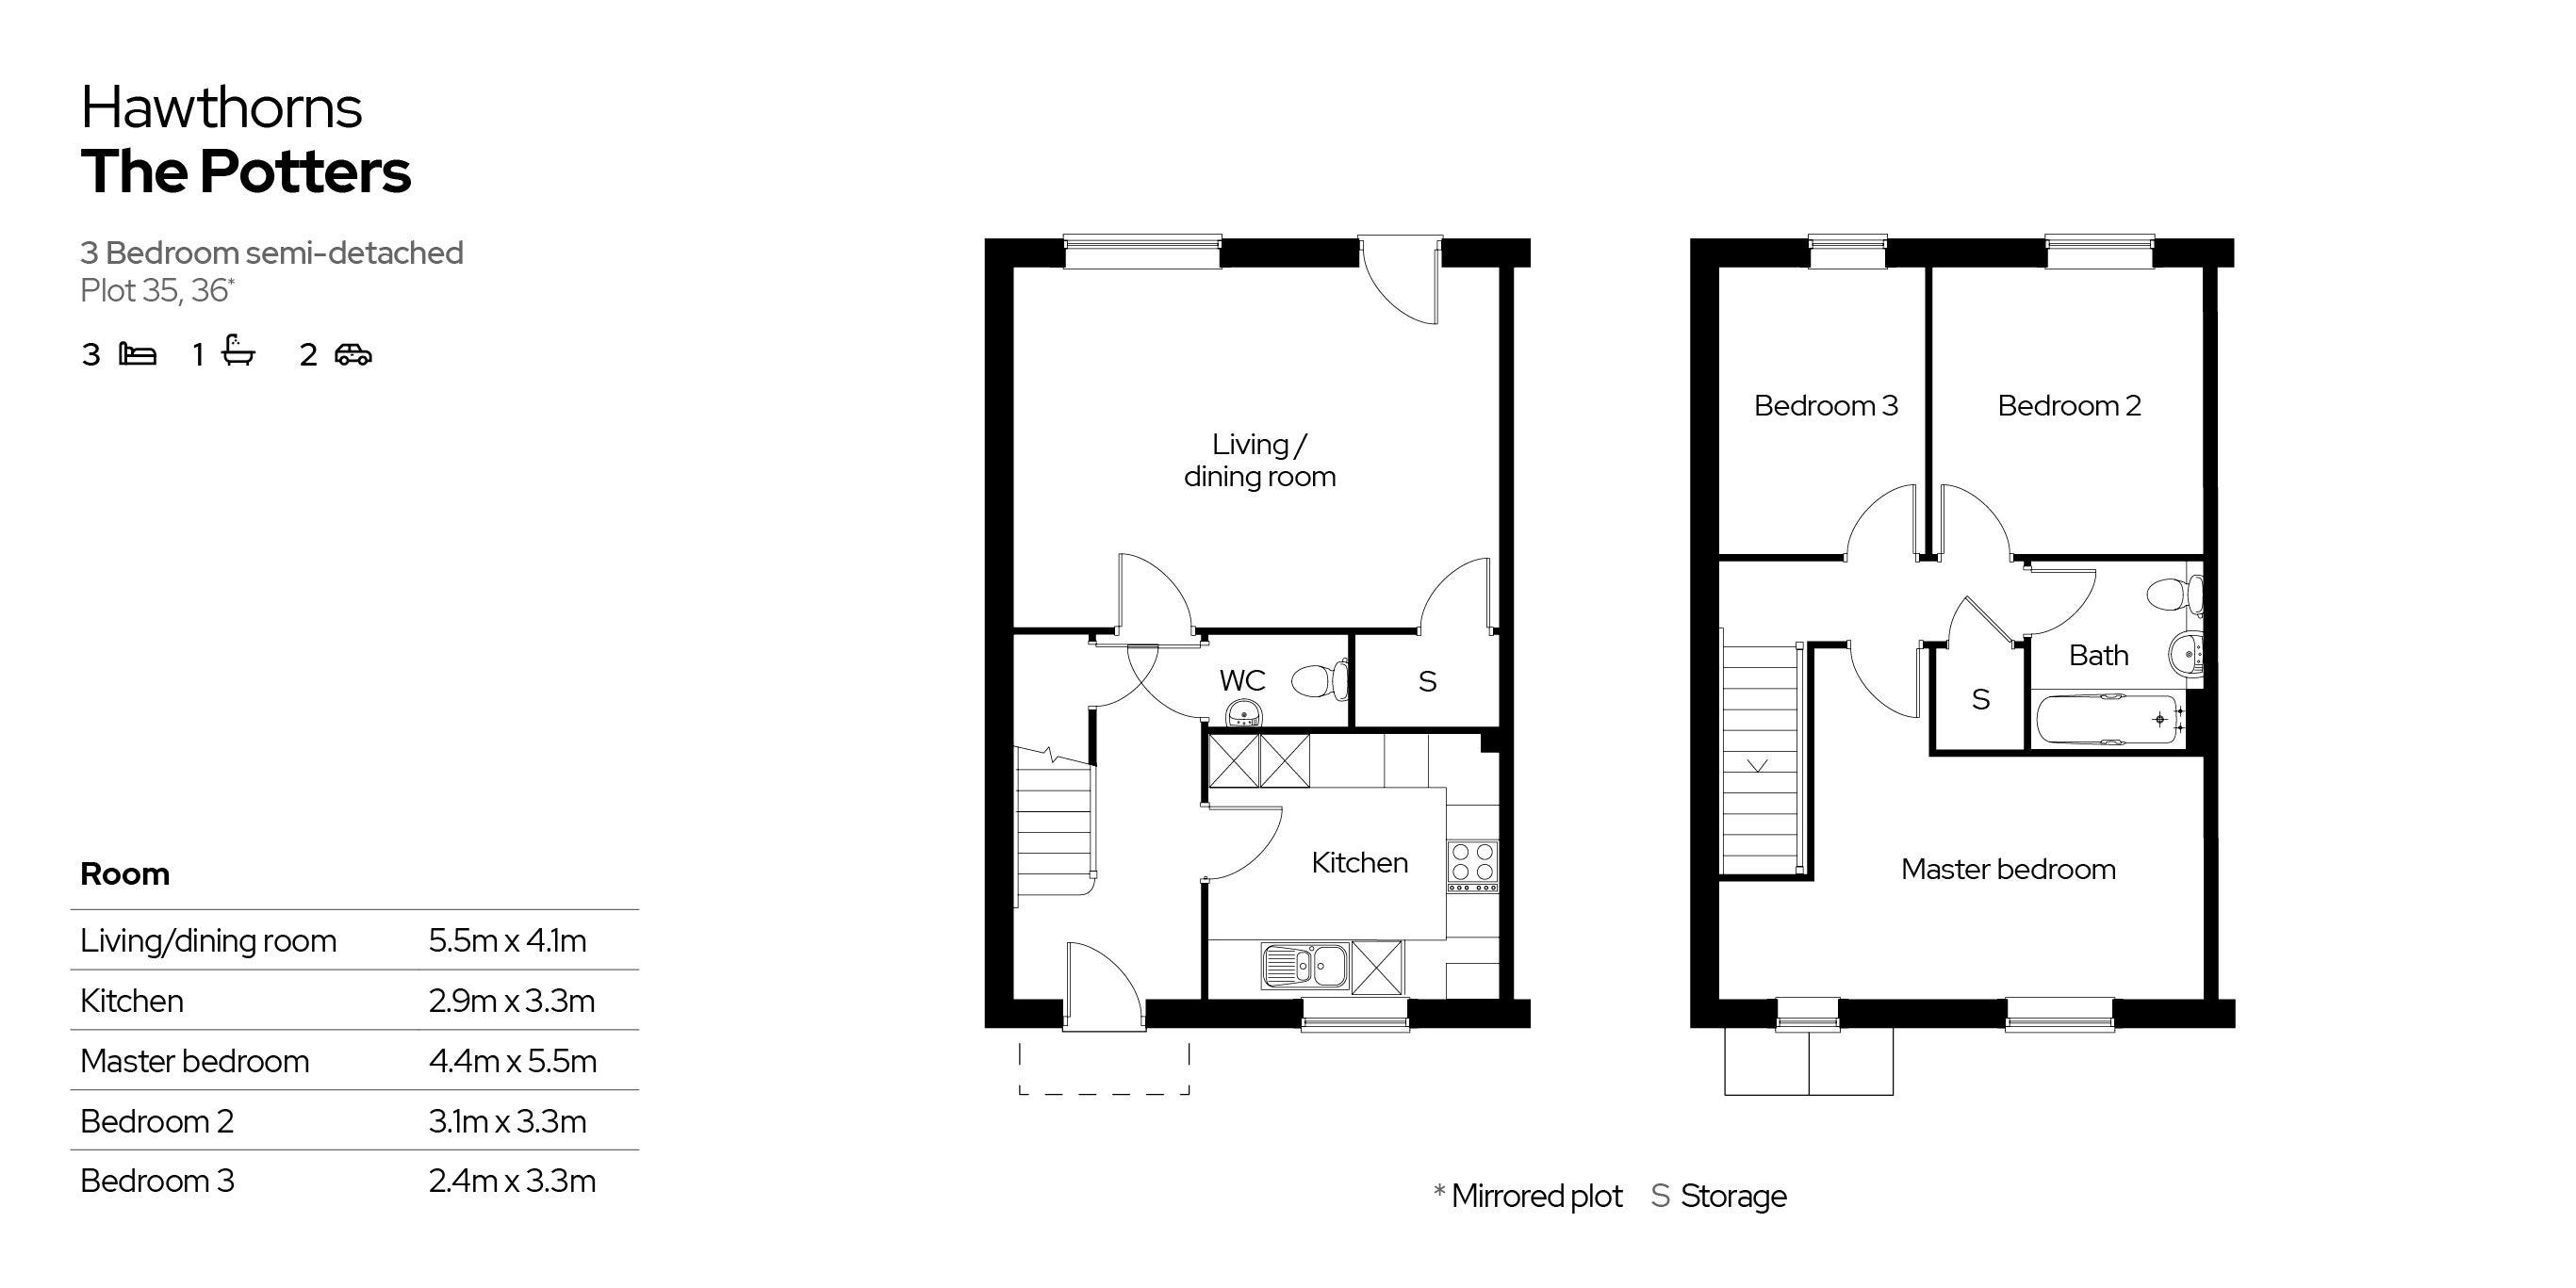 Hawthorns 3 bedroom home floor plan